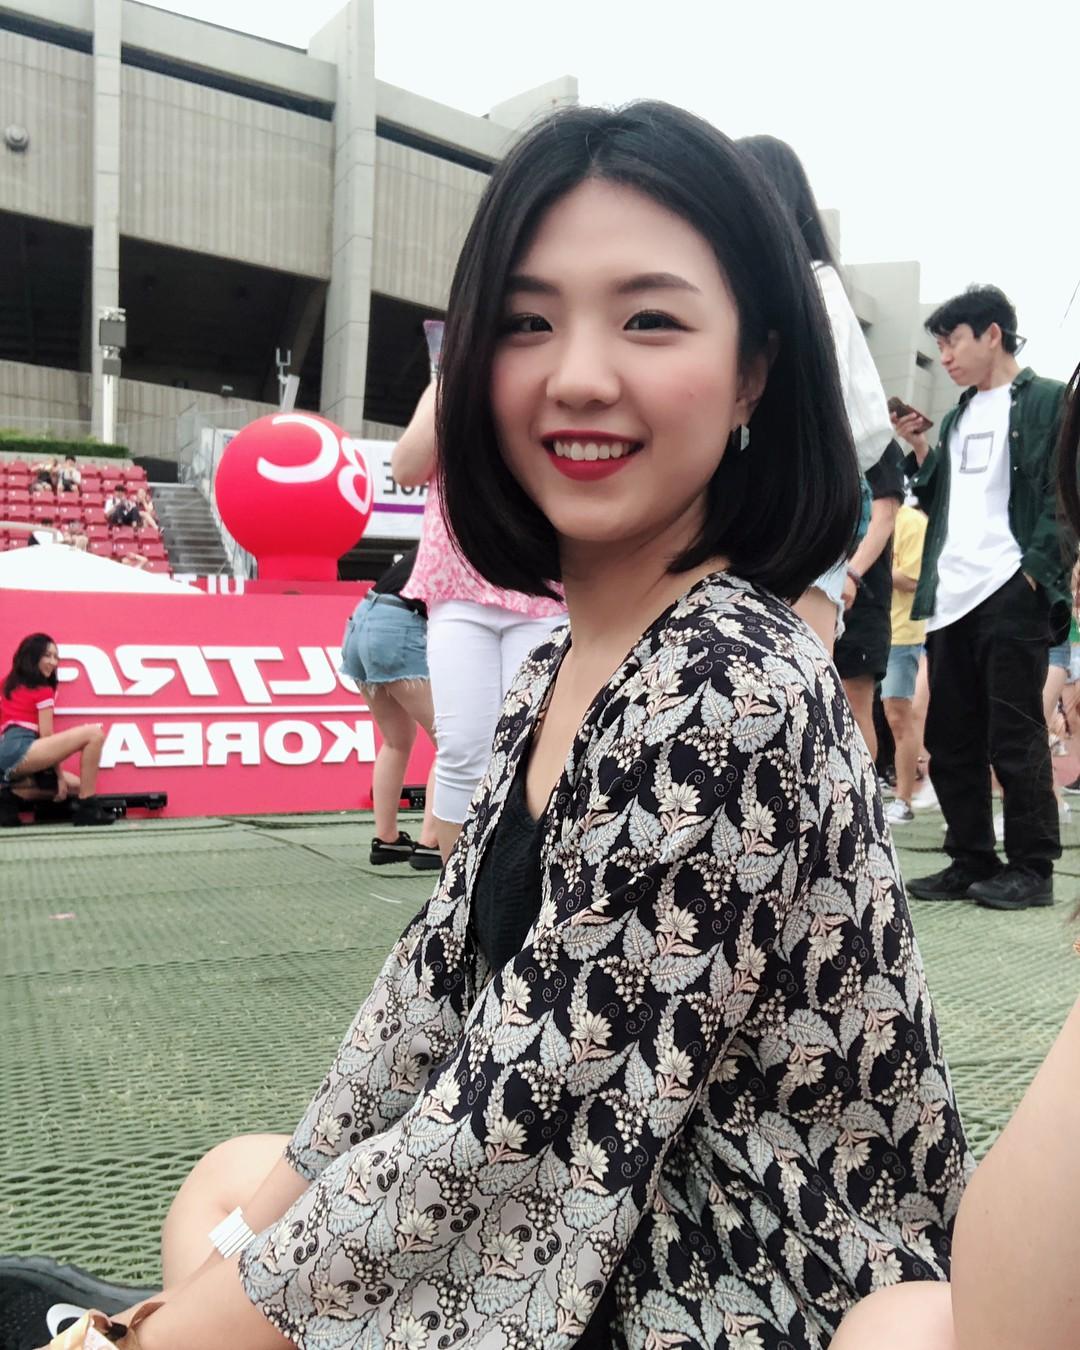 Ngắm dàn gái xinh khuấy đảo lễ hội âm nhạc điện tử tầm cỡ thế giới tại Hàn - Ảnh 8.